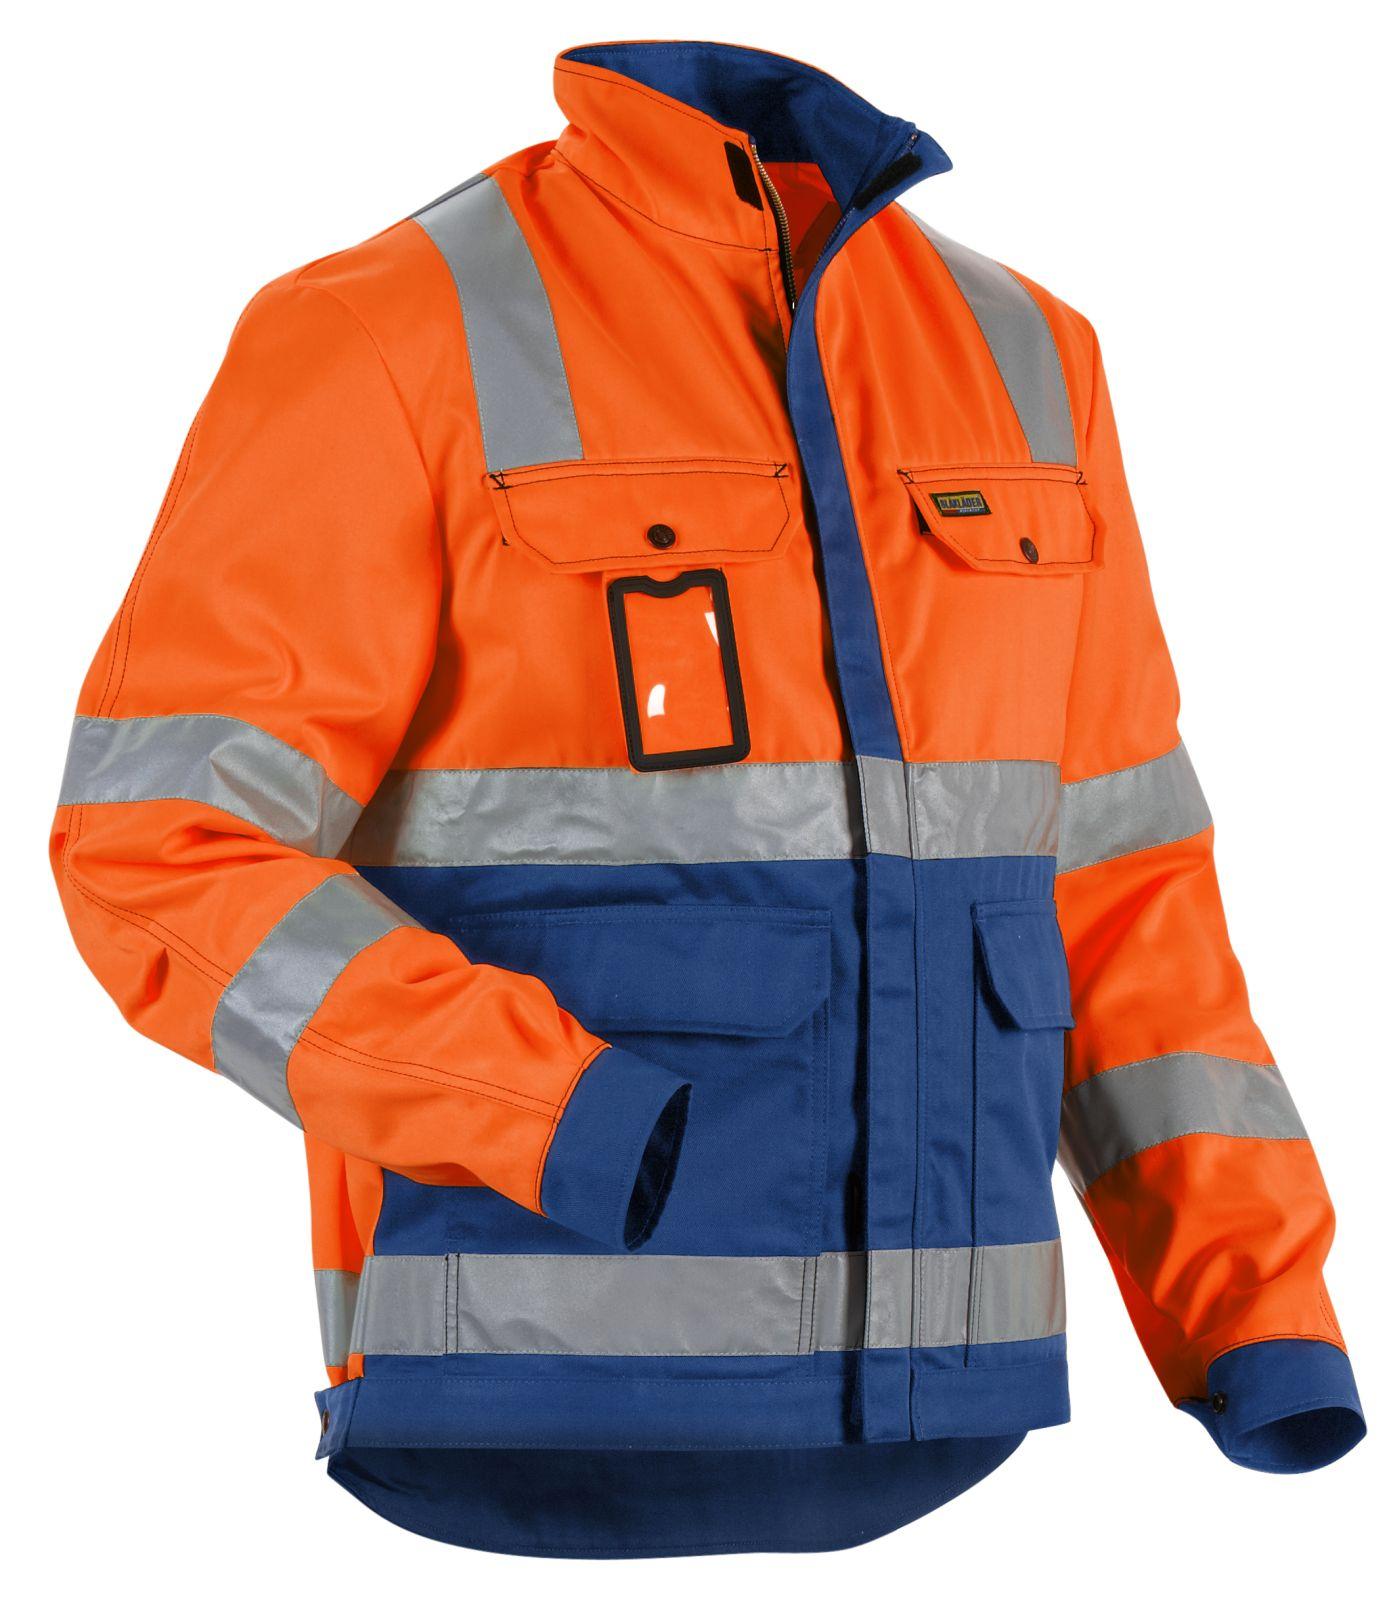 Blaklader Combi-jacks 40231804 High Vis oranje-korenblauw(5385)